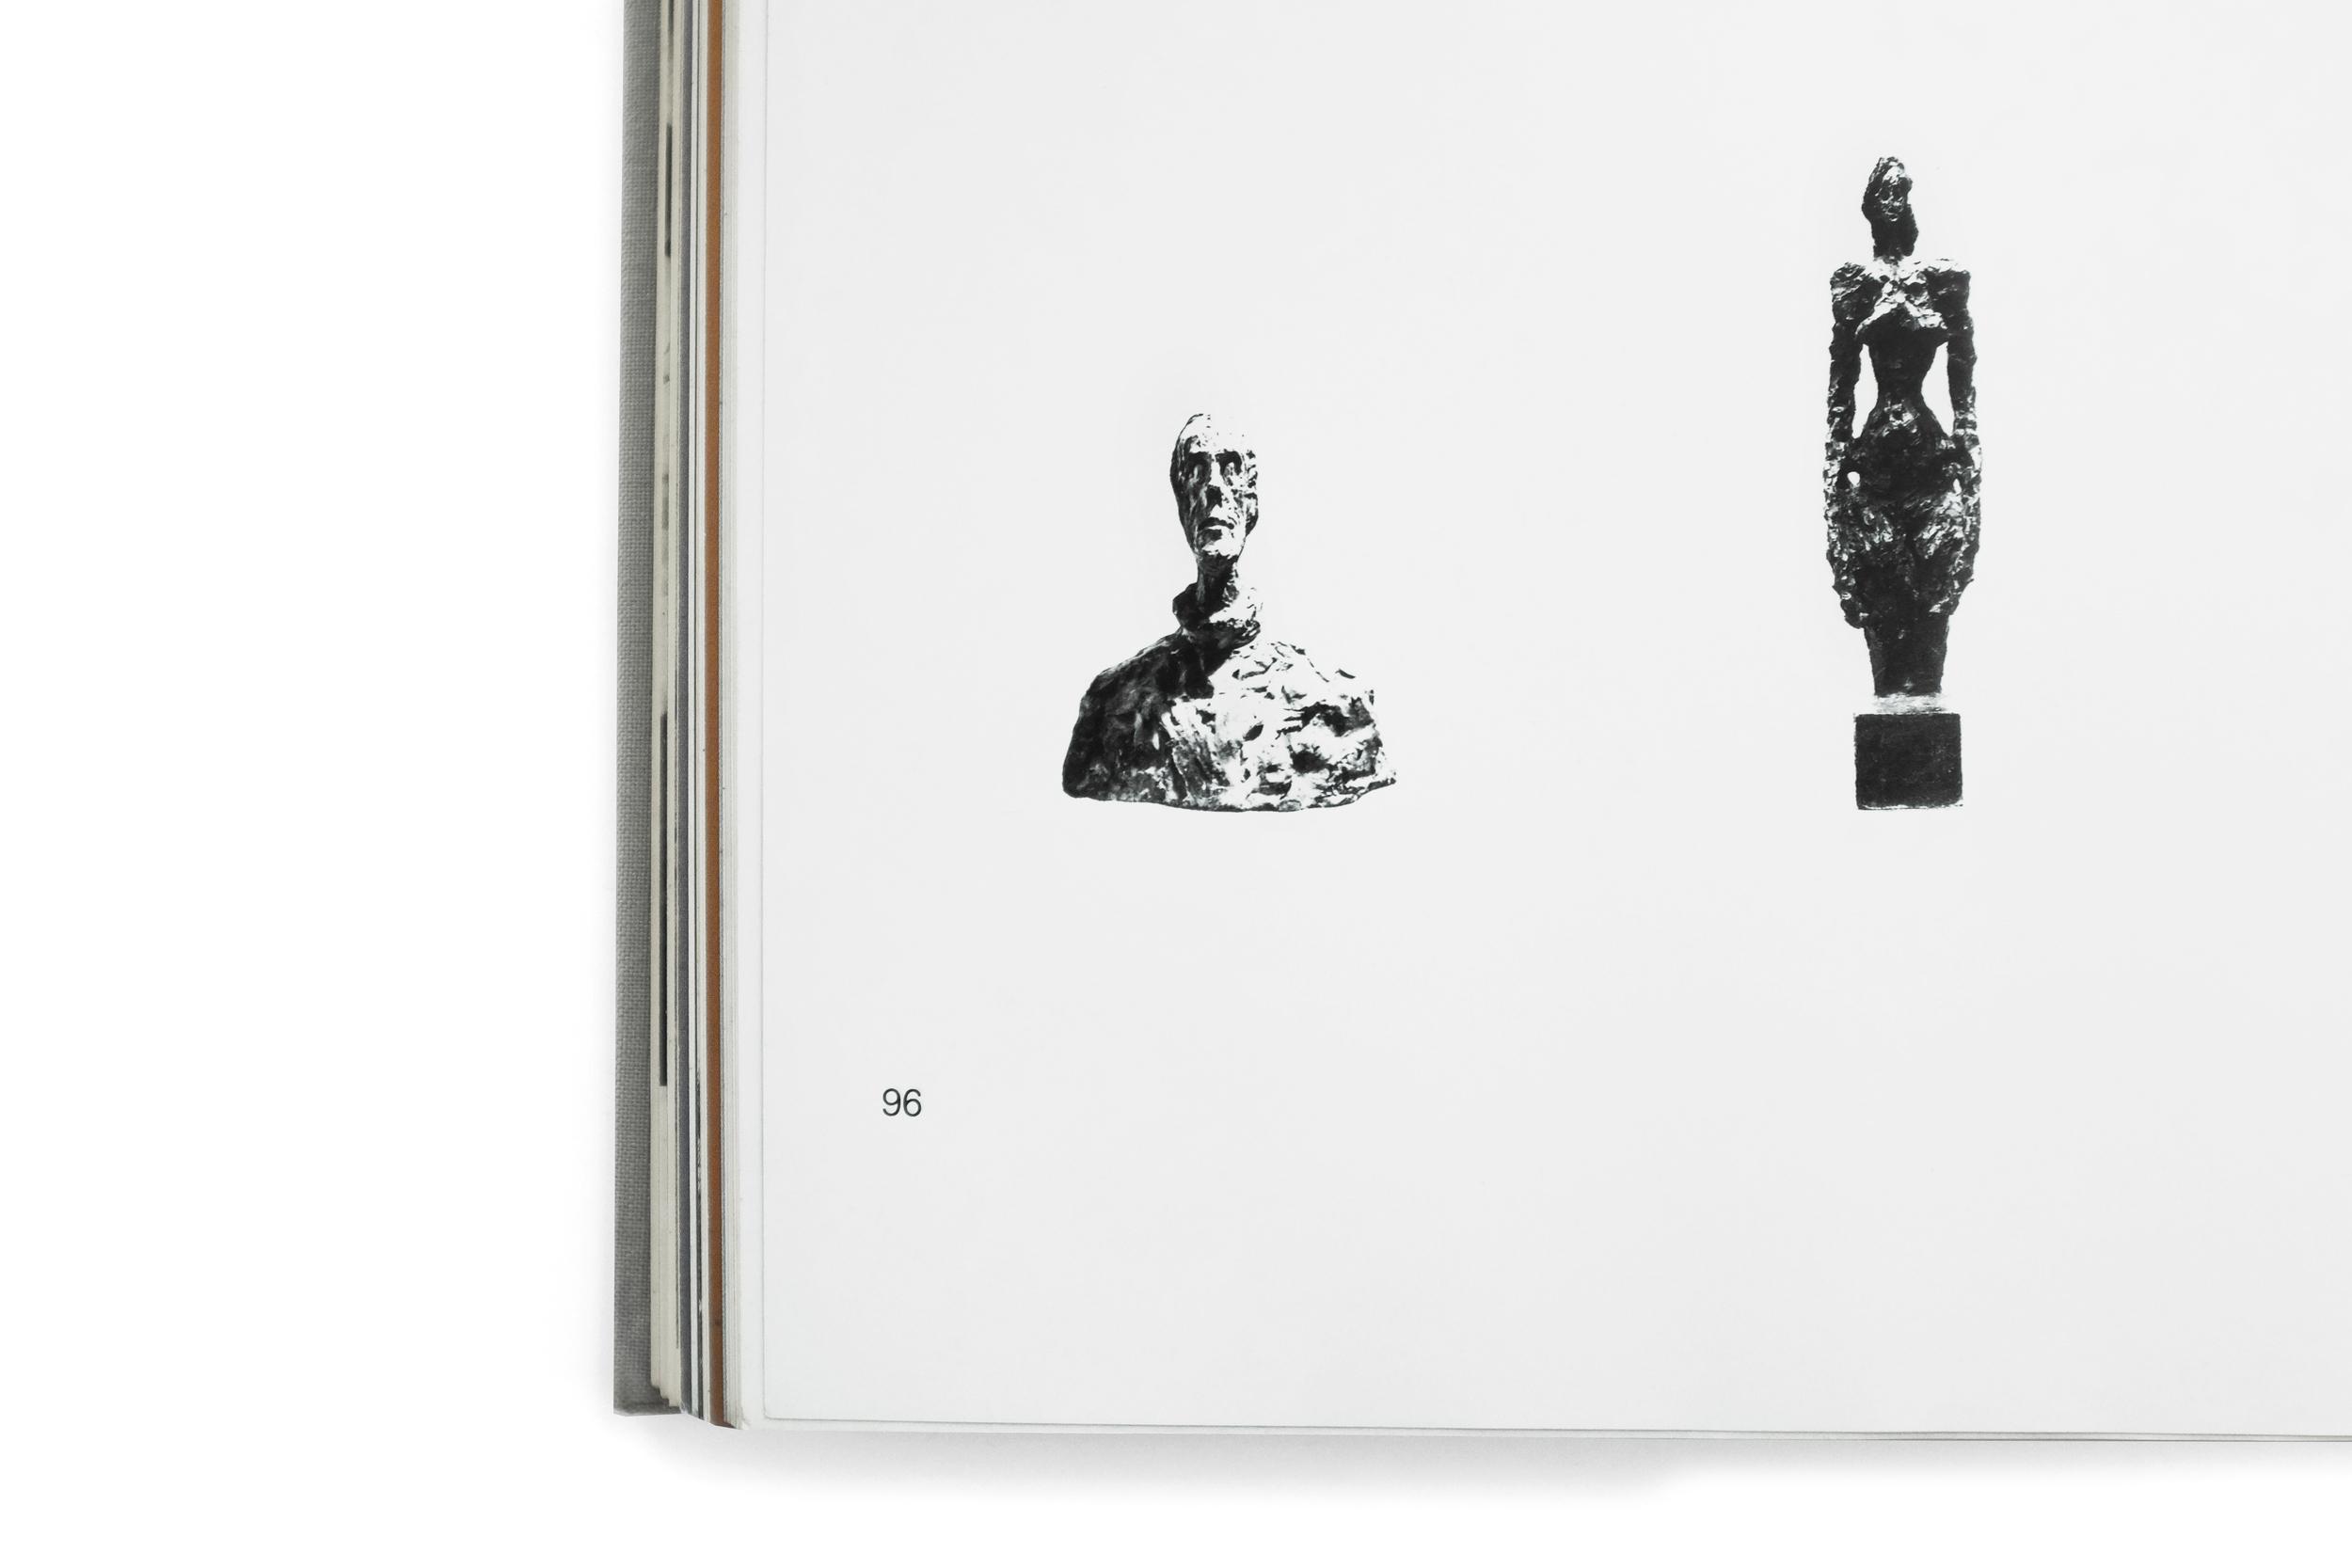 giacometti_book27.jpg